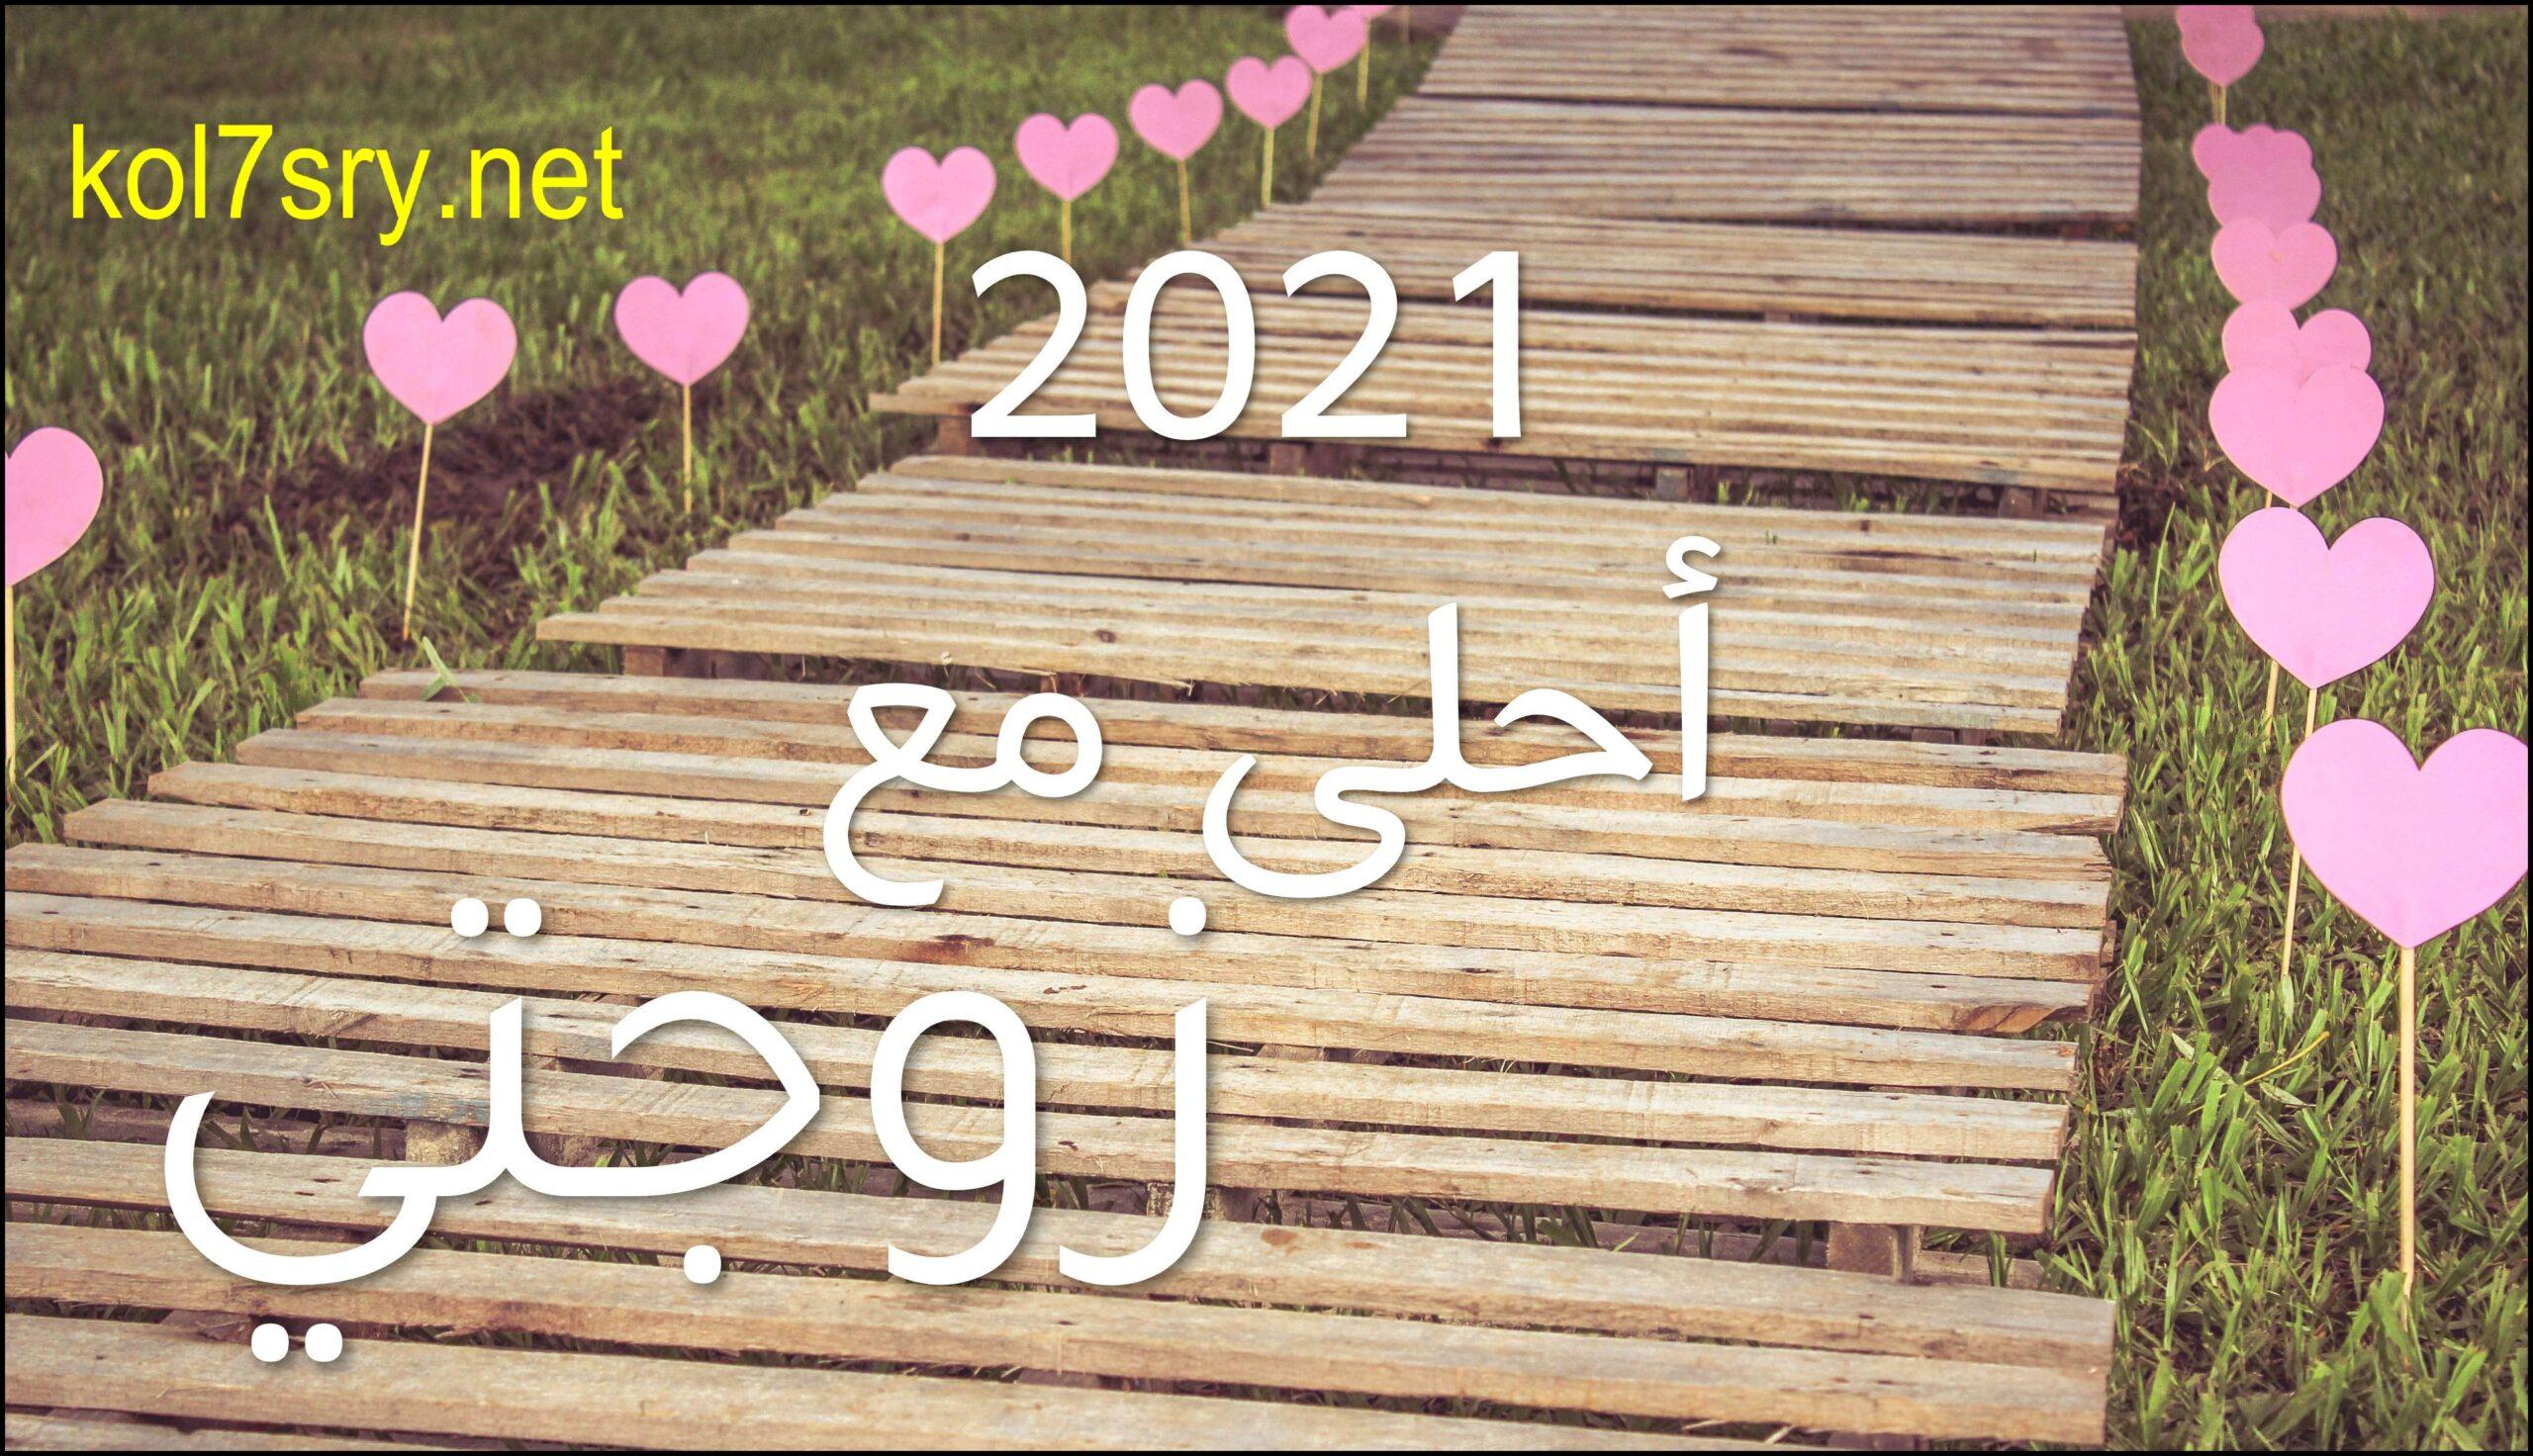 2021 أحلى مع اسمك أجمل 40 صورة HD لعام 2021 احلى مع مجانا اطلب التصميم بالتعليقات 29